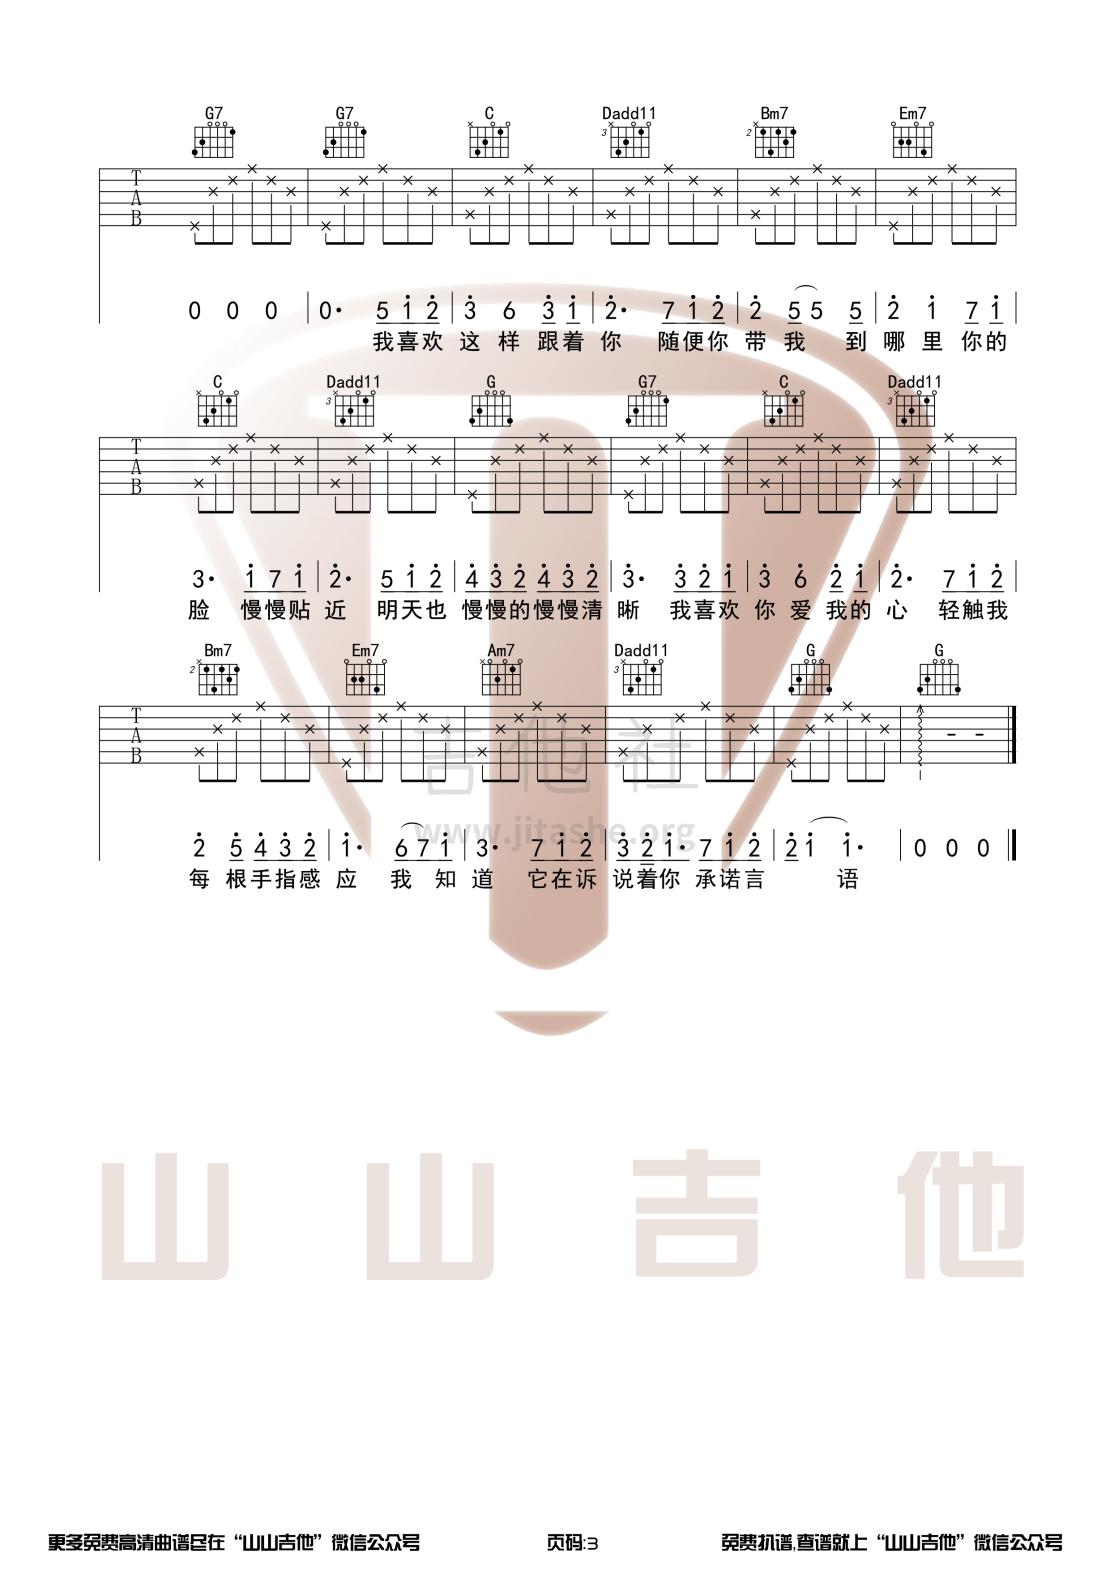 喜欢你(创造营2020 G调和弦吉他谱【山山吉他编配】)吉他谱(图片谱,弹唱)_陈洁仪_喜欢你陈洁仪3.png